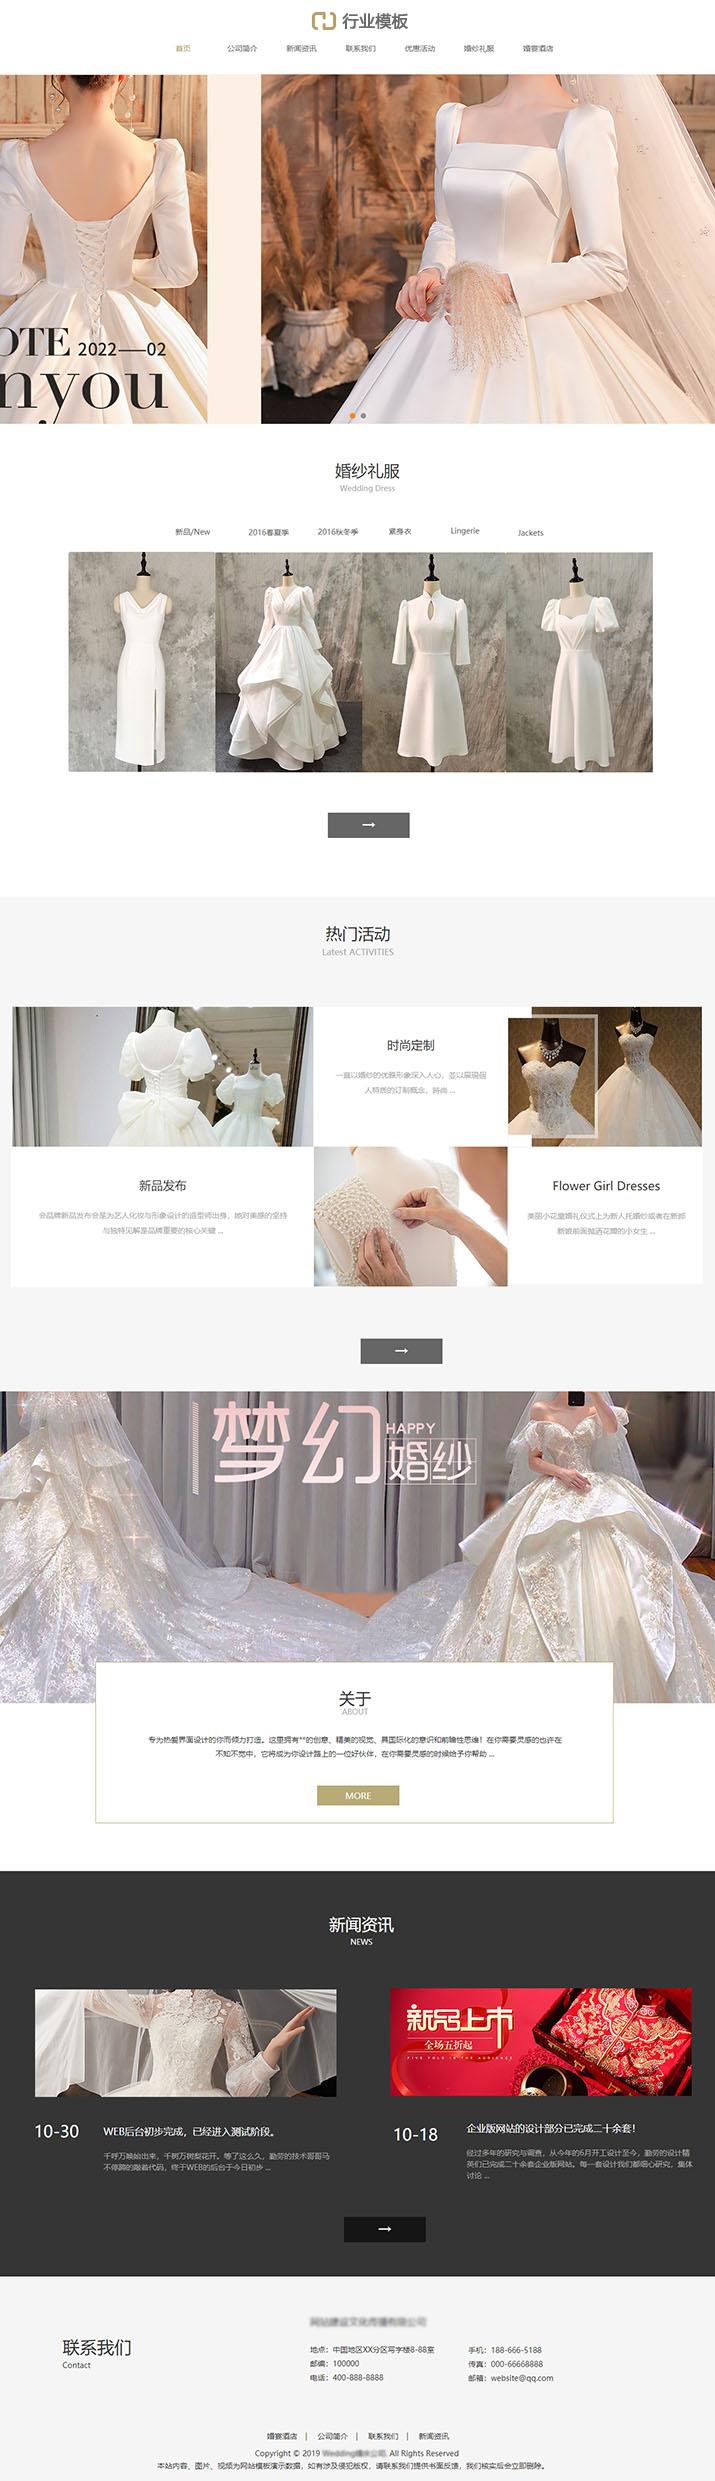 婚庆策划注册服务官网模板